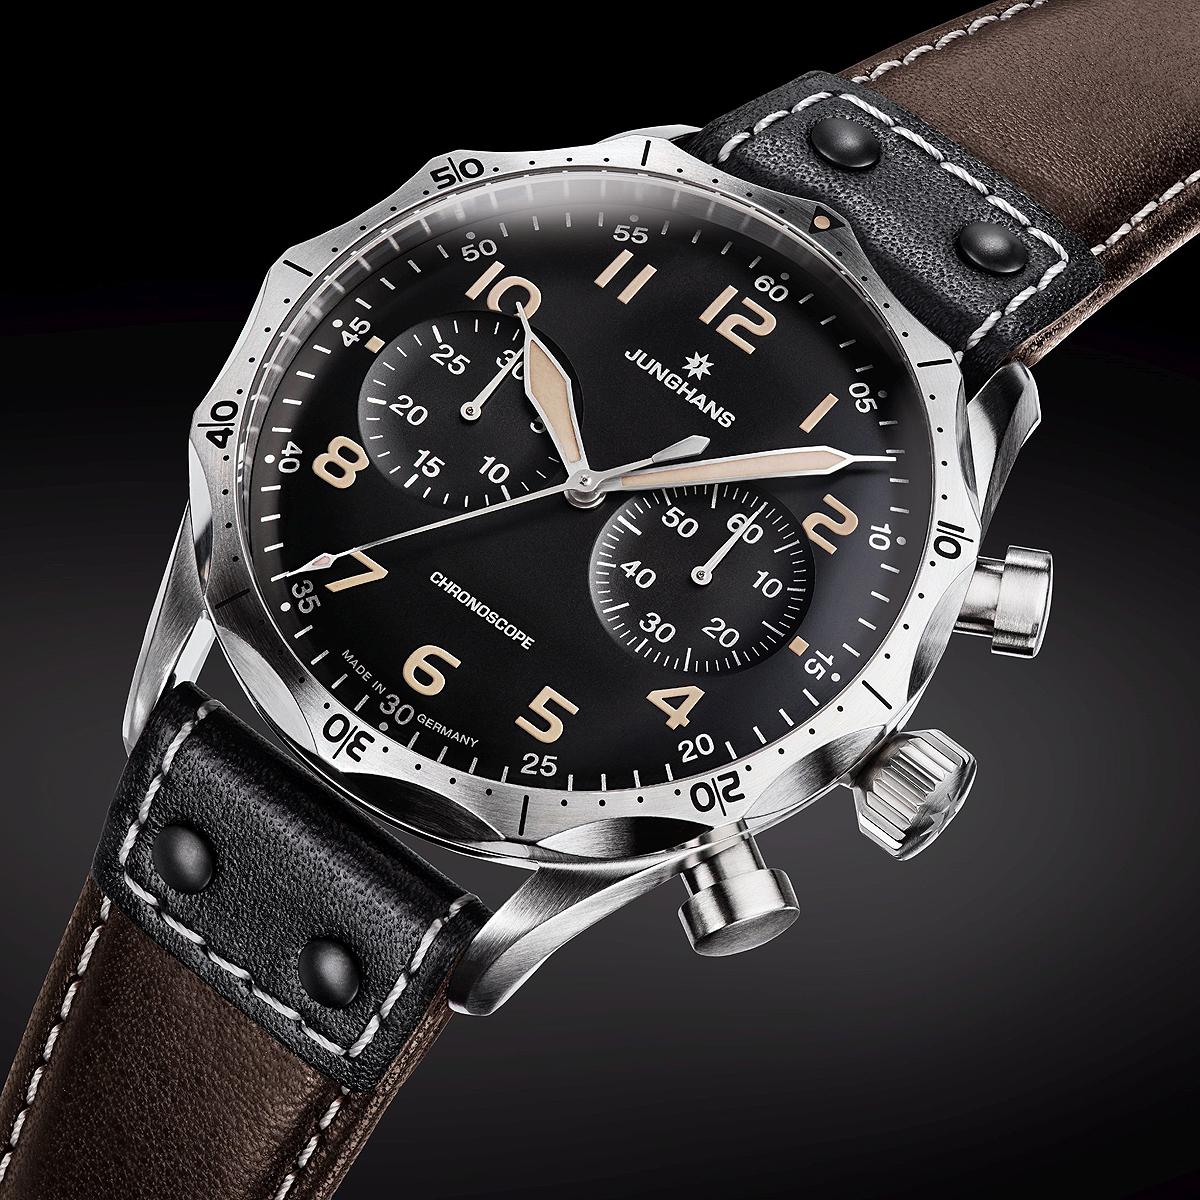 8 thương hiệu đồng hồ nổi tiếng bạn cần biết16